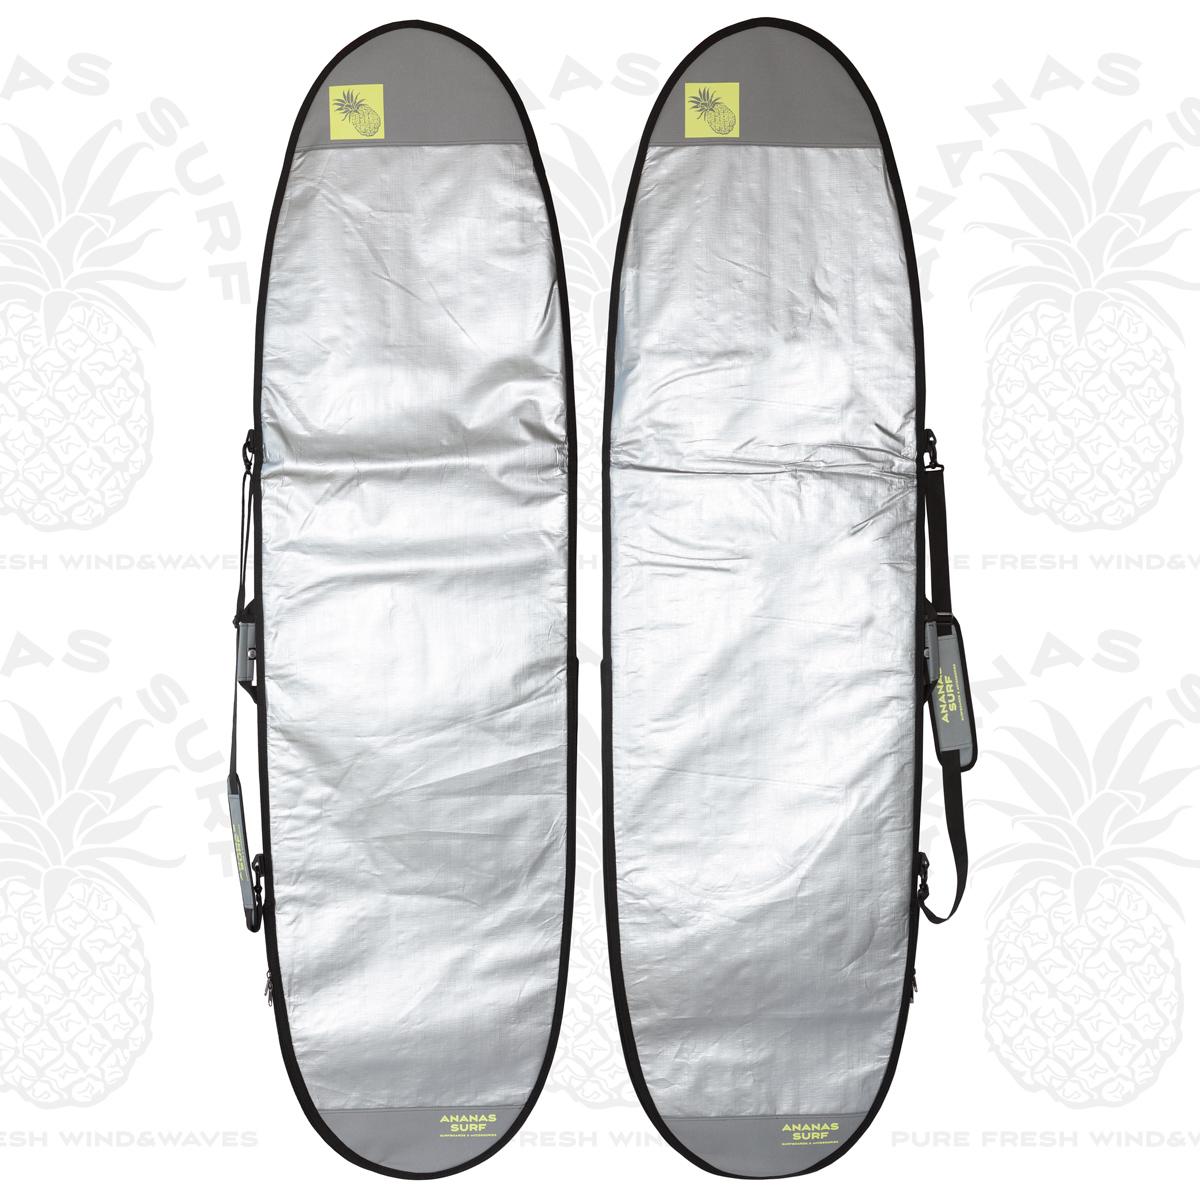 ANANAS SURF сумка 7 футов 6/8 футов 0 серфинг панель Задняя часть пакет мешки один длинный панель Сумка серии 2018